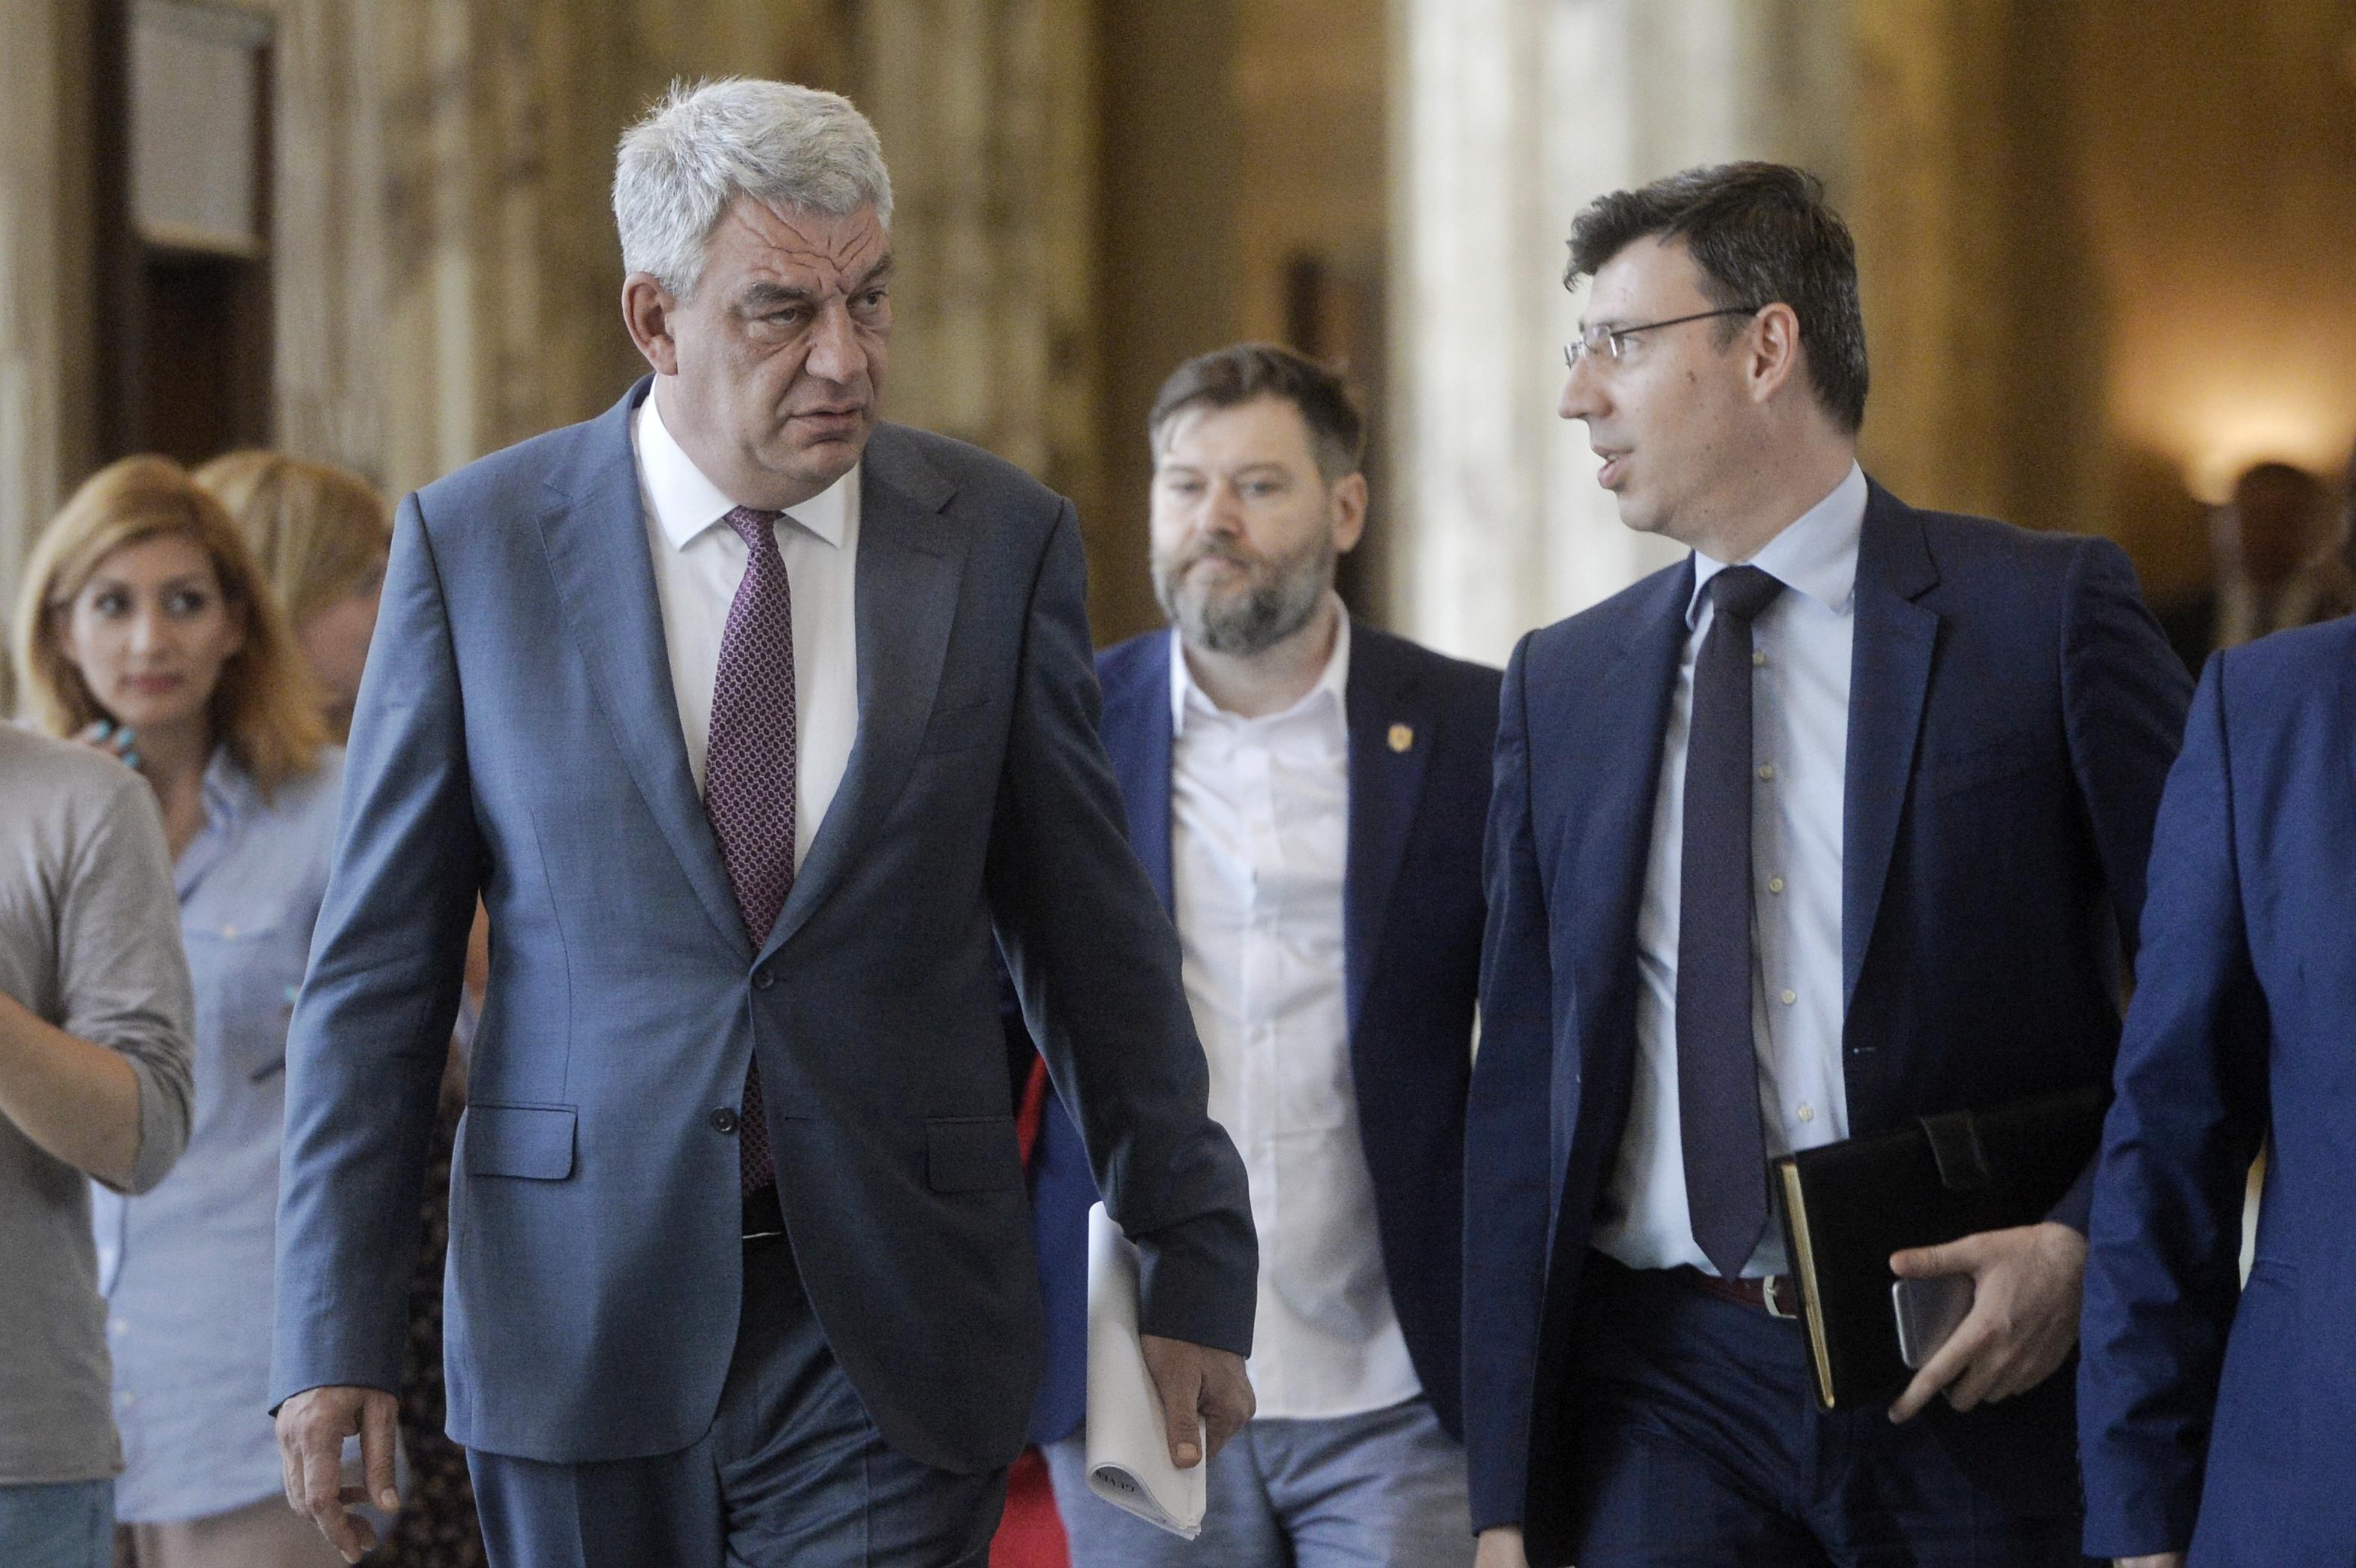 Ministrul Mişa: Contestarea OUG este legată de împiedicarea transferurilor profiturilor în alte ţări/ Tudose, cu referire la conducerea Dacia: Sindicaliştii doresc autostrăzi, dar compania externalizează profitul. Nu mai merge!